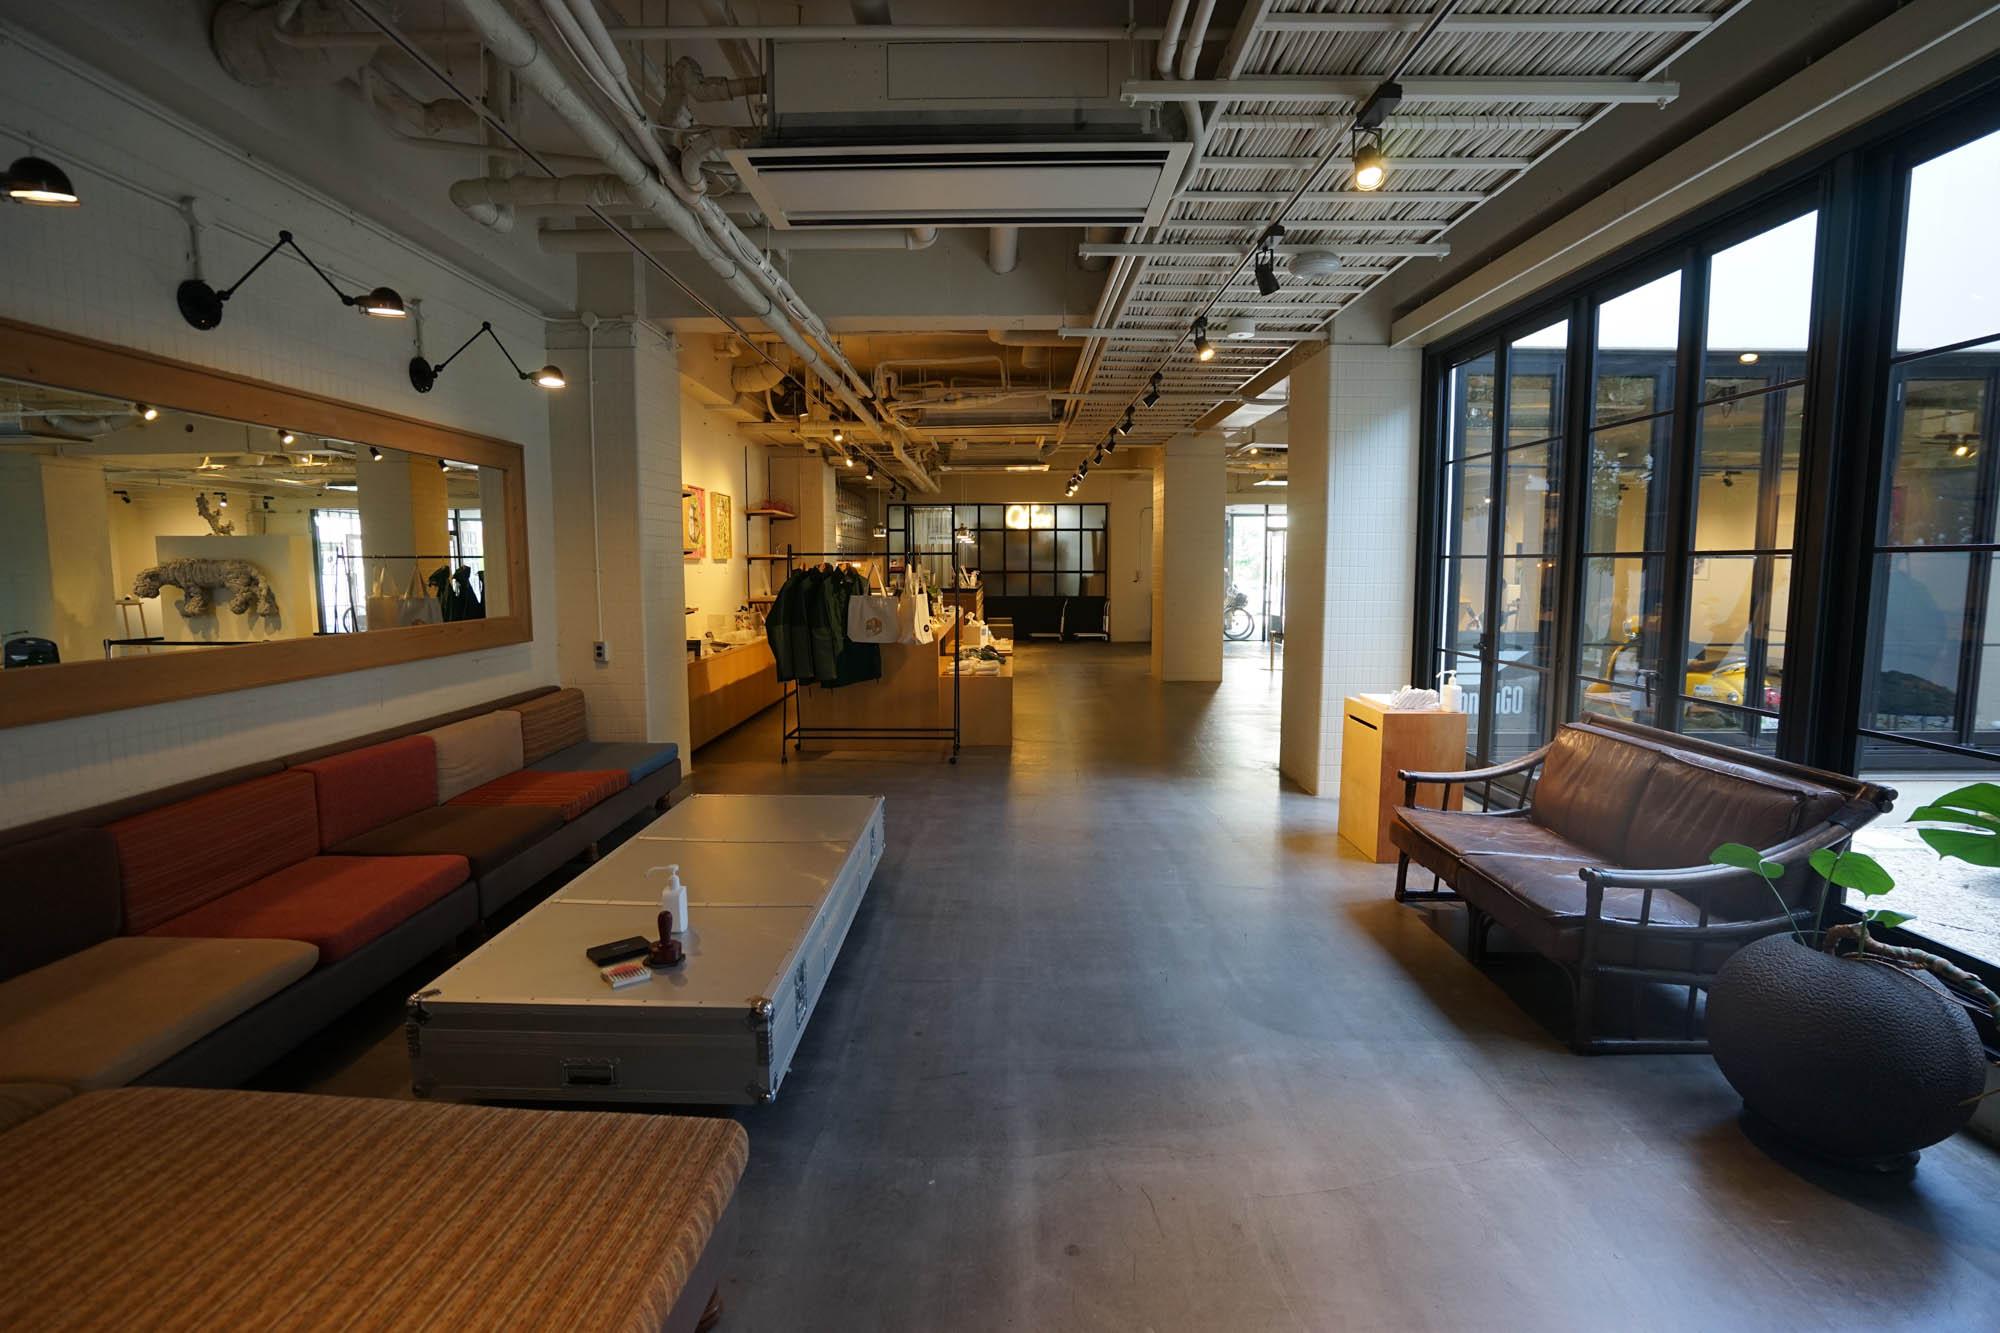 1階のロビーはとても広々としていて、洗練された雰囲気です。